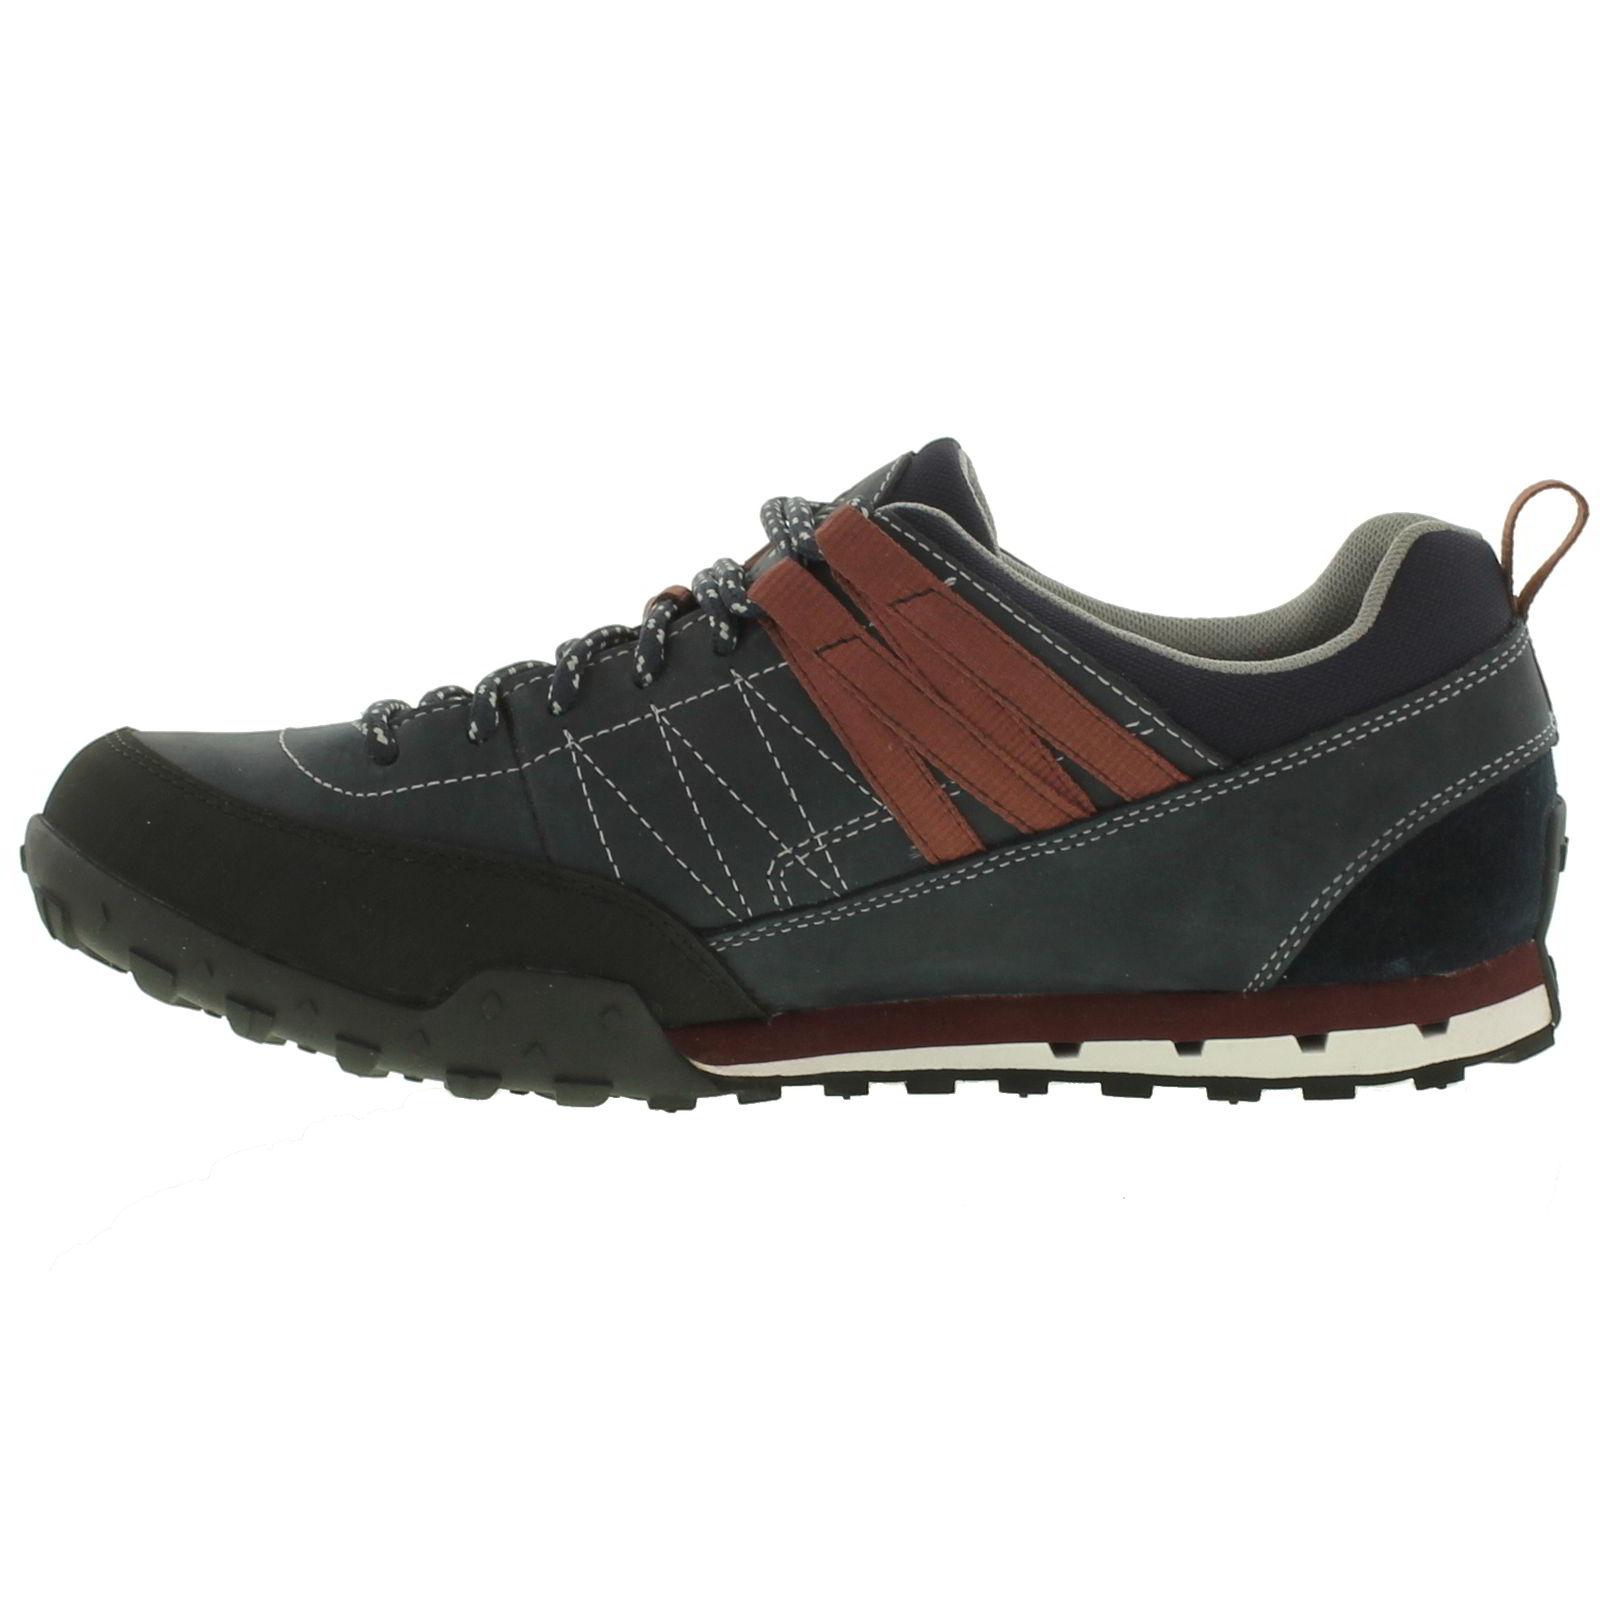 Best Waterproof Approach Shoes Uk